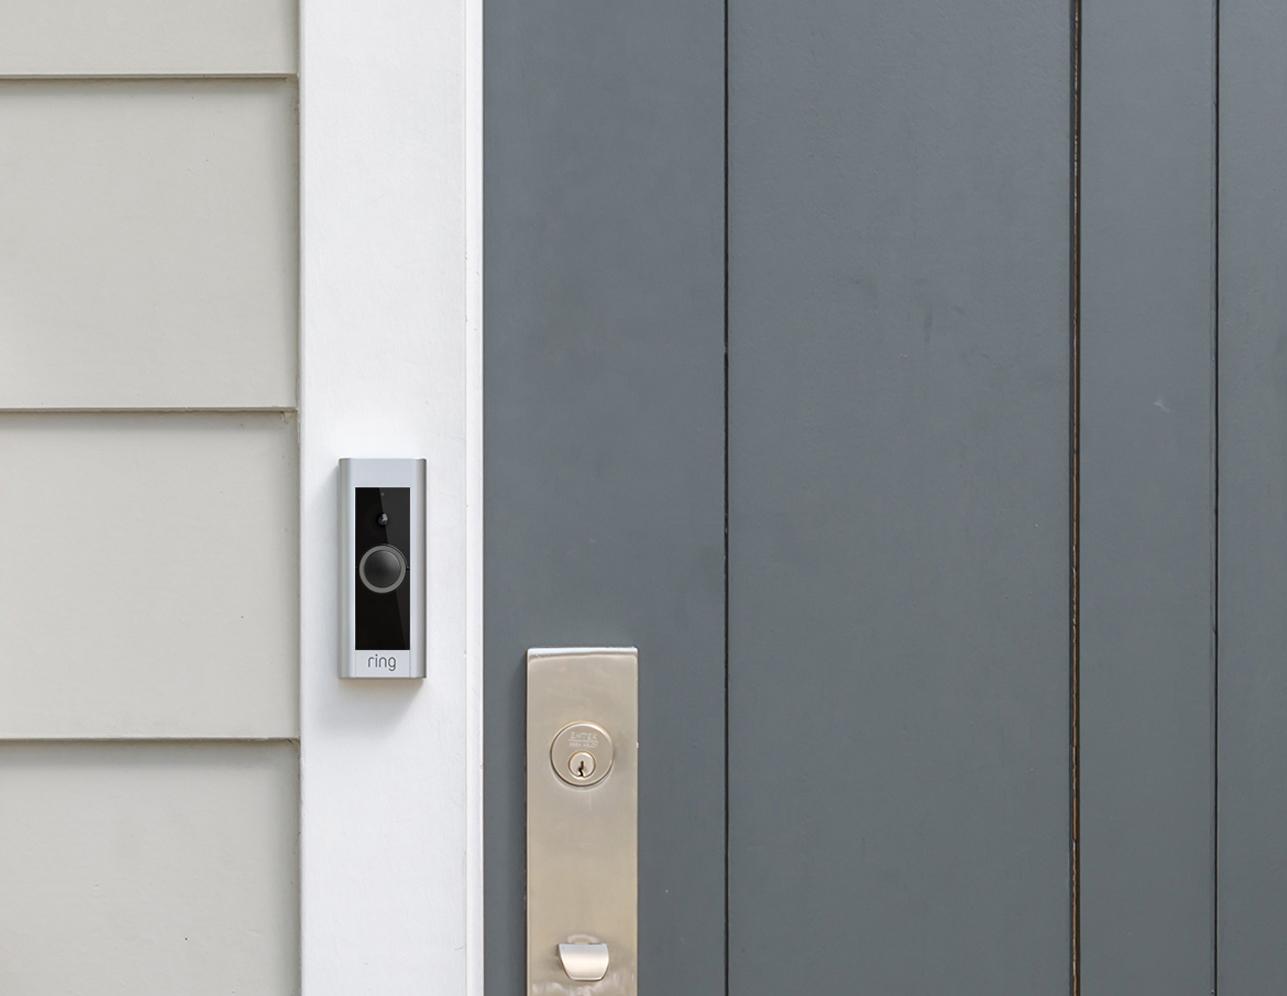 Ring-Video-Doorbell-Front-Door